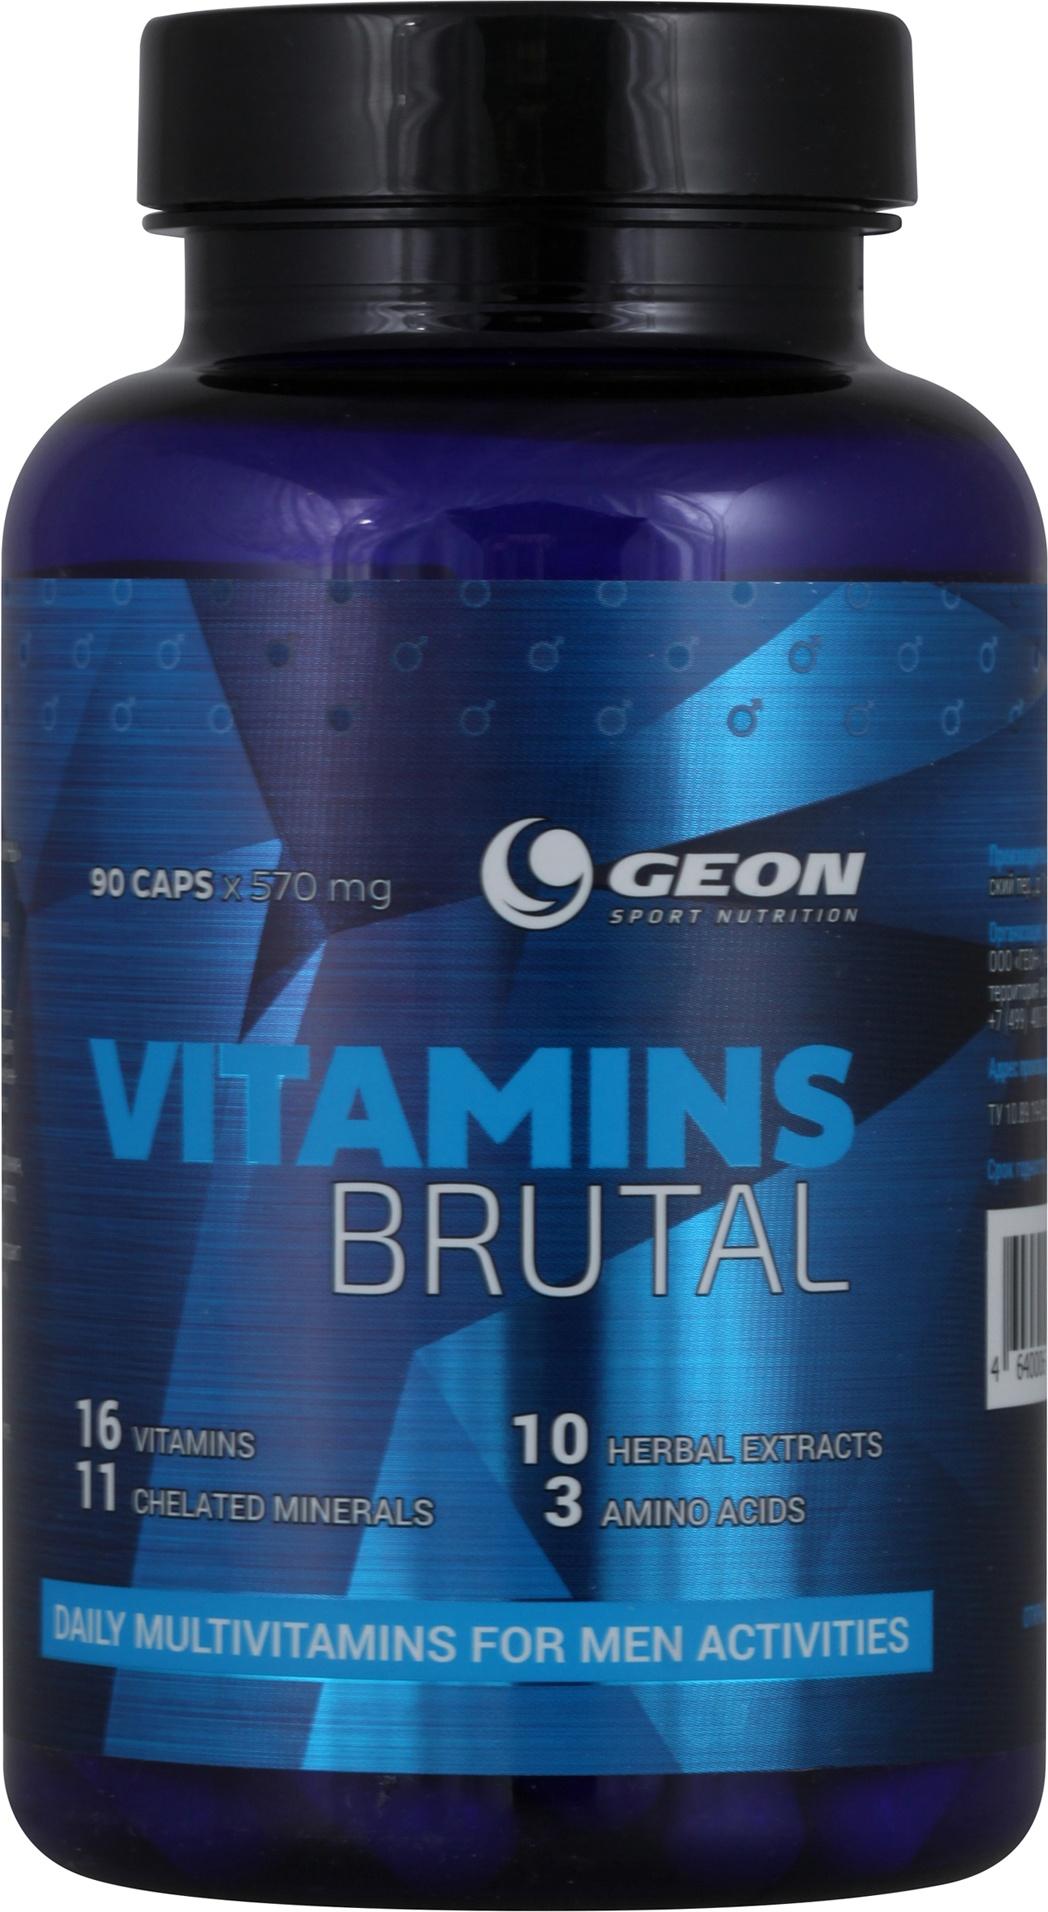 Витаминно минеральный комплекс Geon Brutal Vitamins 90 капсул